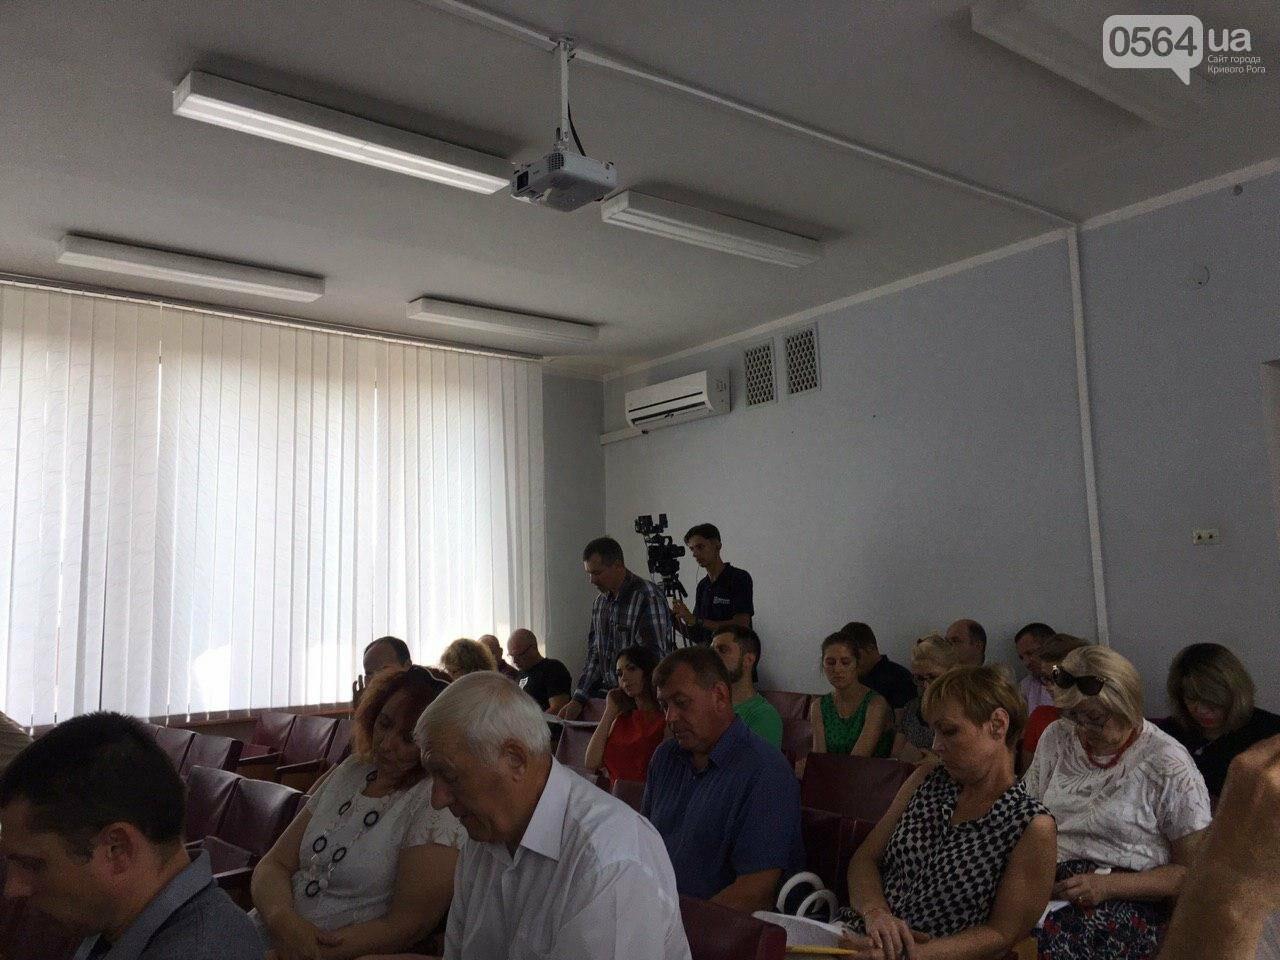 Криворожское КП пытается подготовится к отопительному сезону, несмотря на долг в полмиллиарда, - ФОТО , фото-32